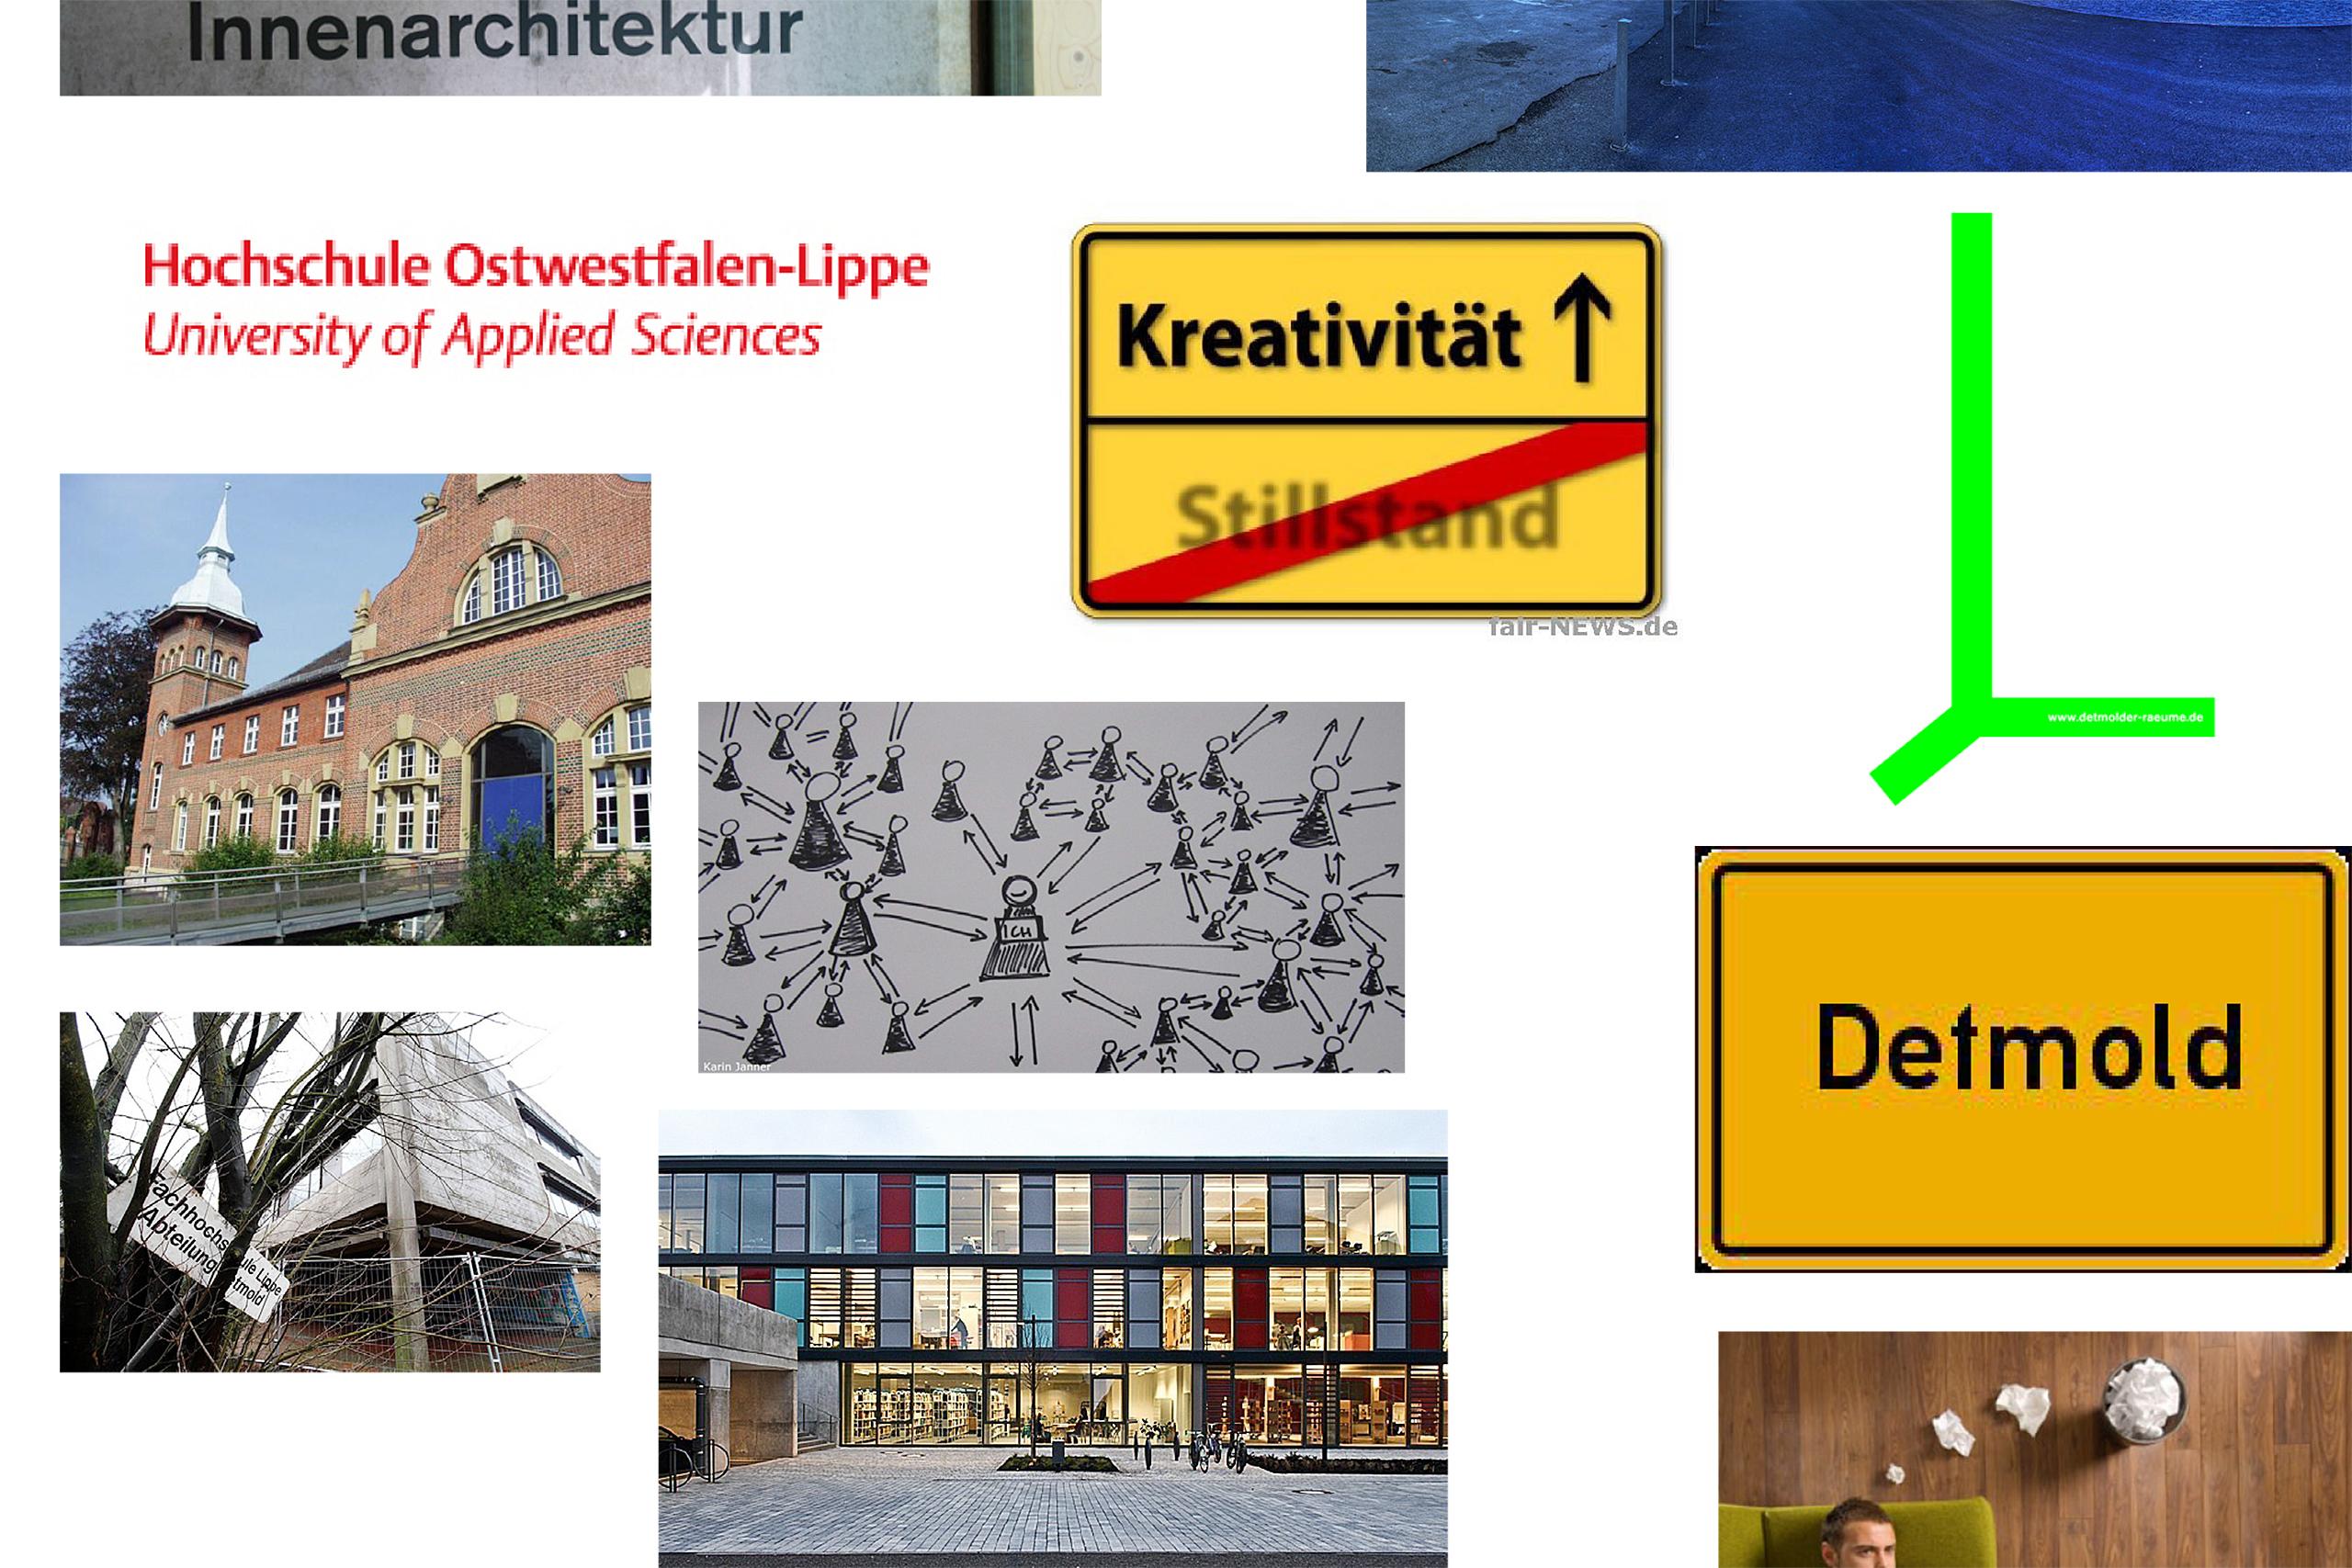 Detmold Innenarchitektur branding detmolder schule ba studio matthias ries